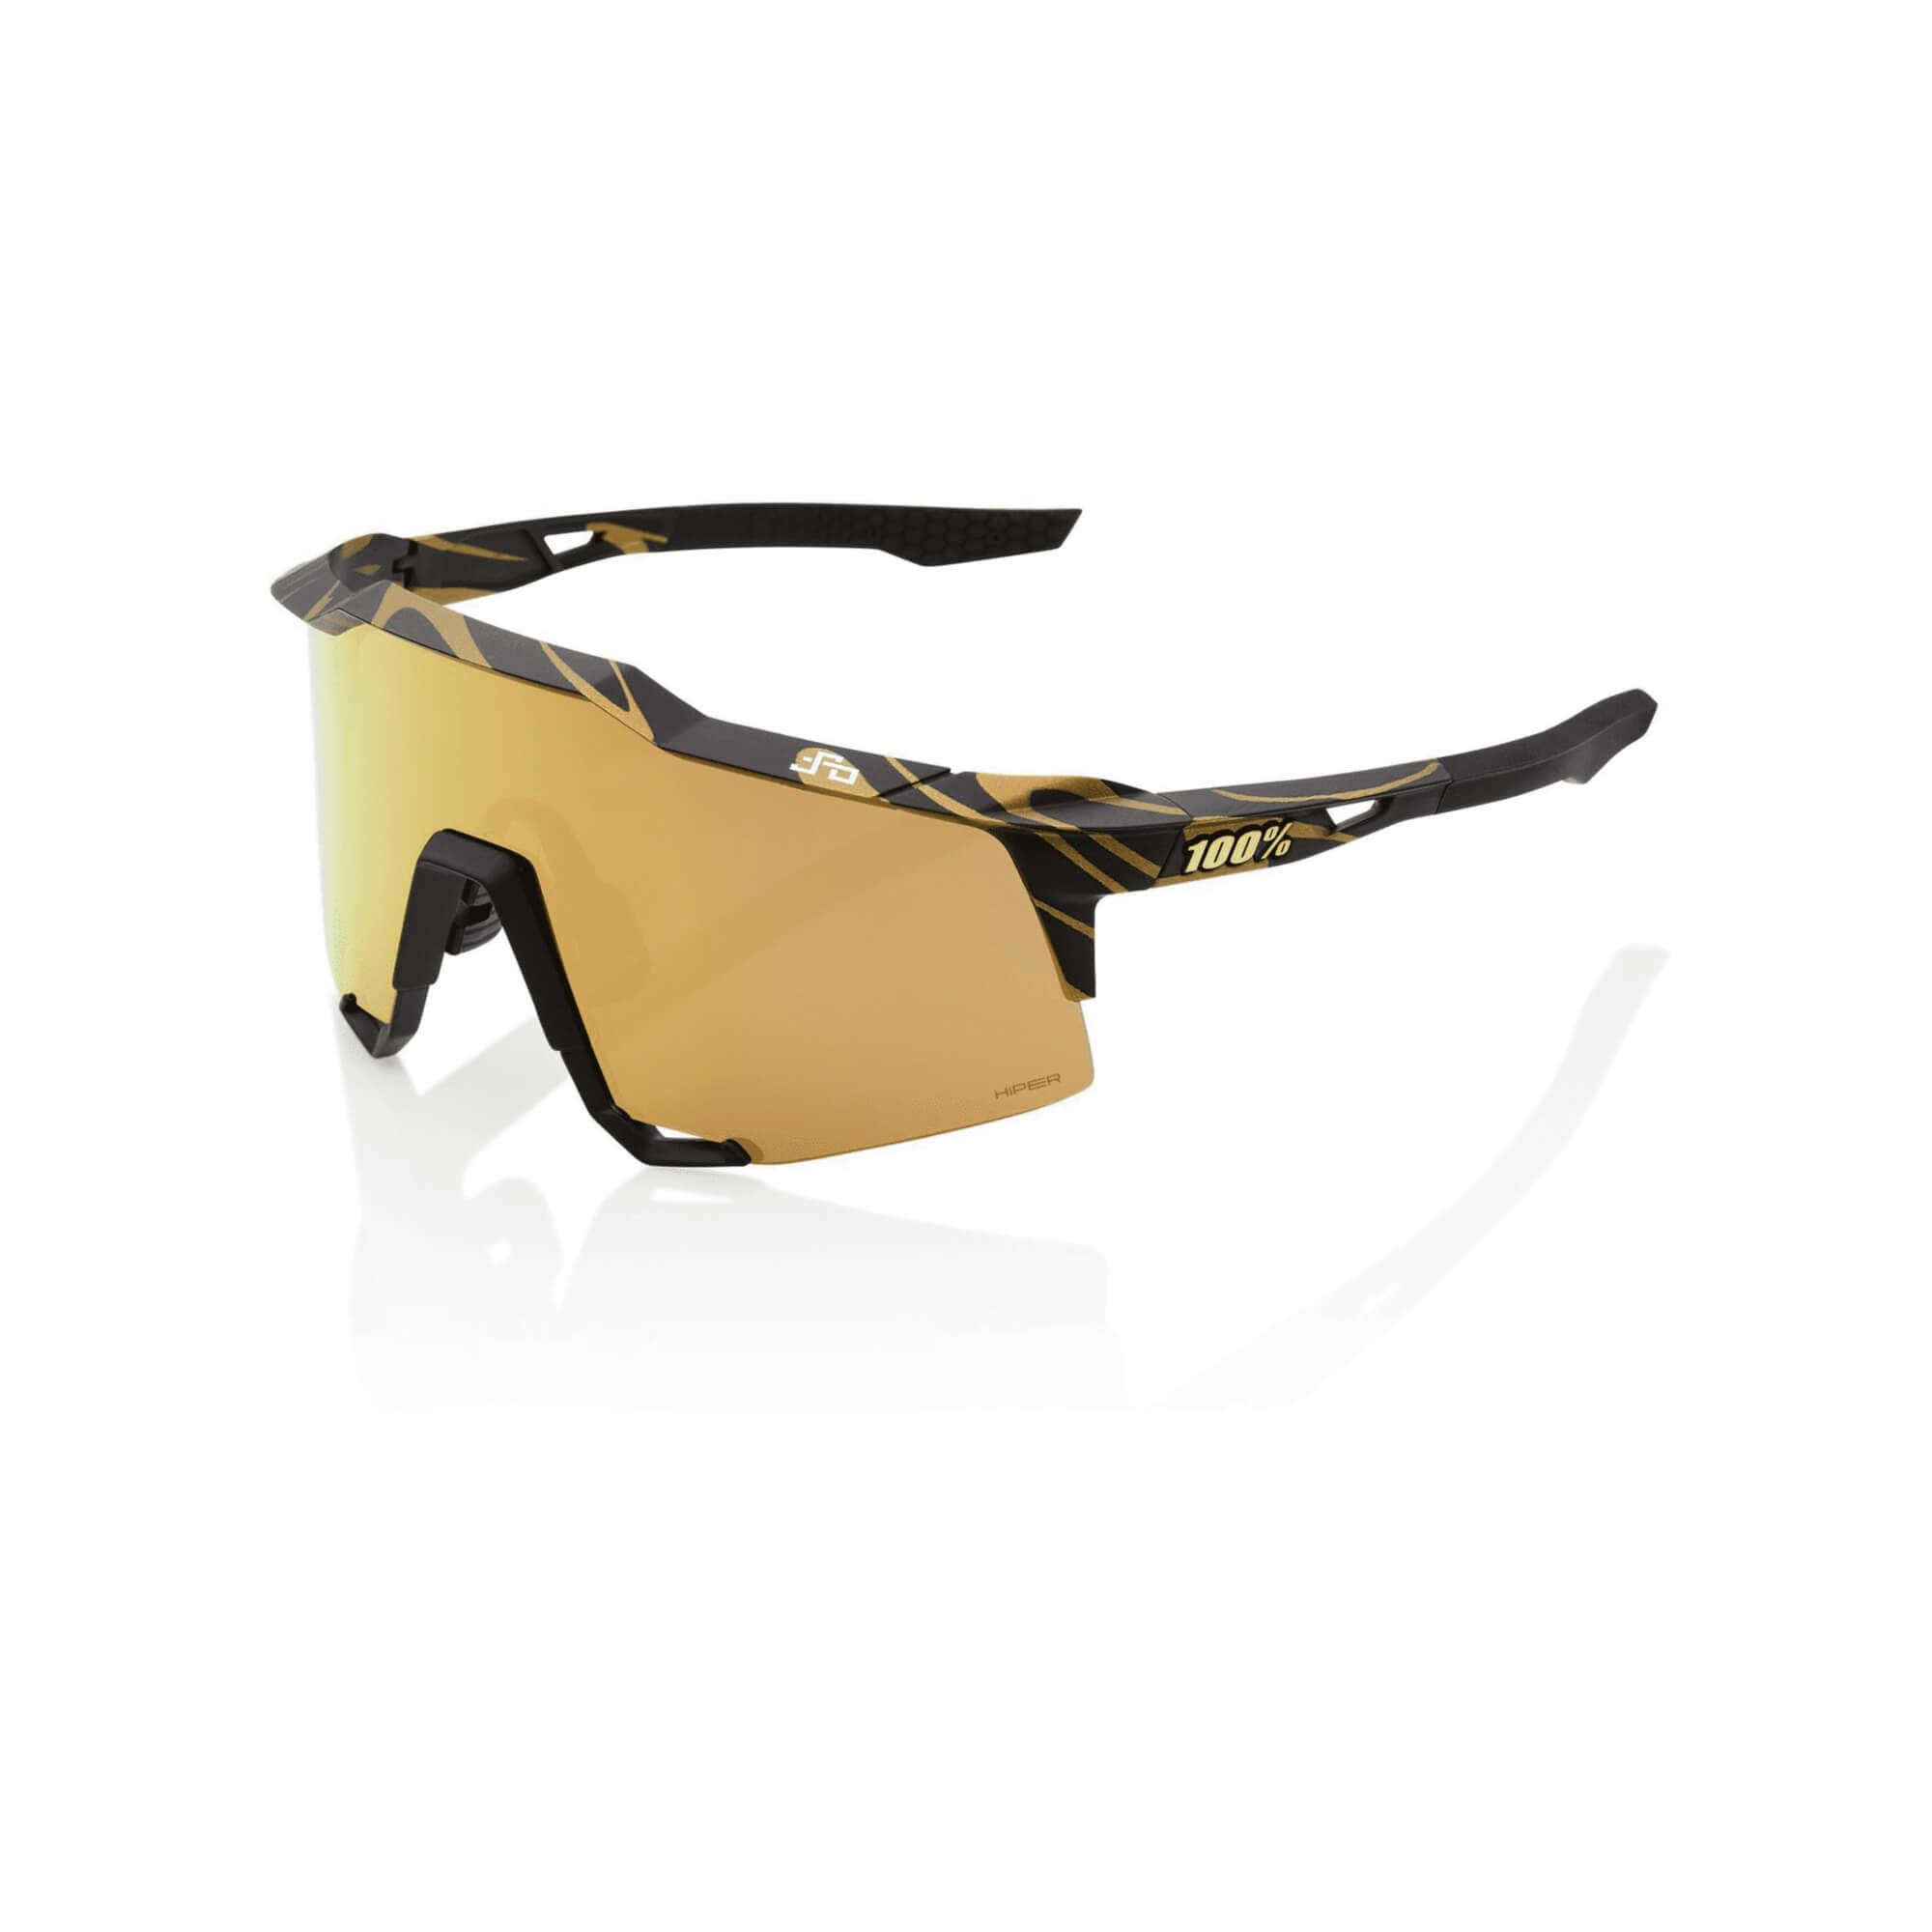 Speedcraft Peter Sagan LE Metallic Gold Flake Hiper Gold Mirror Lens-1